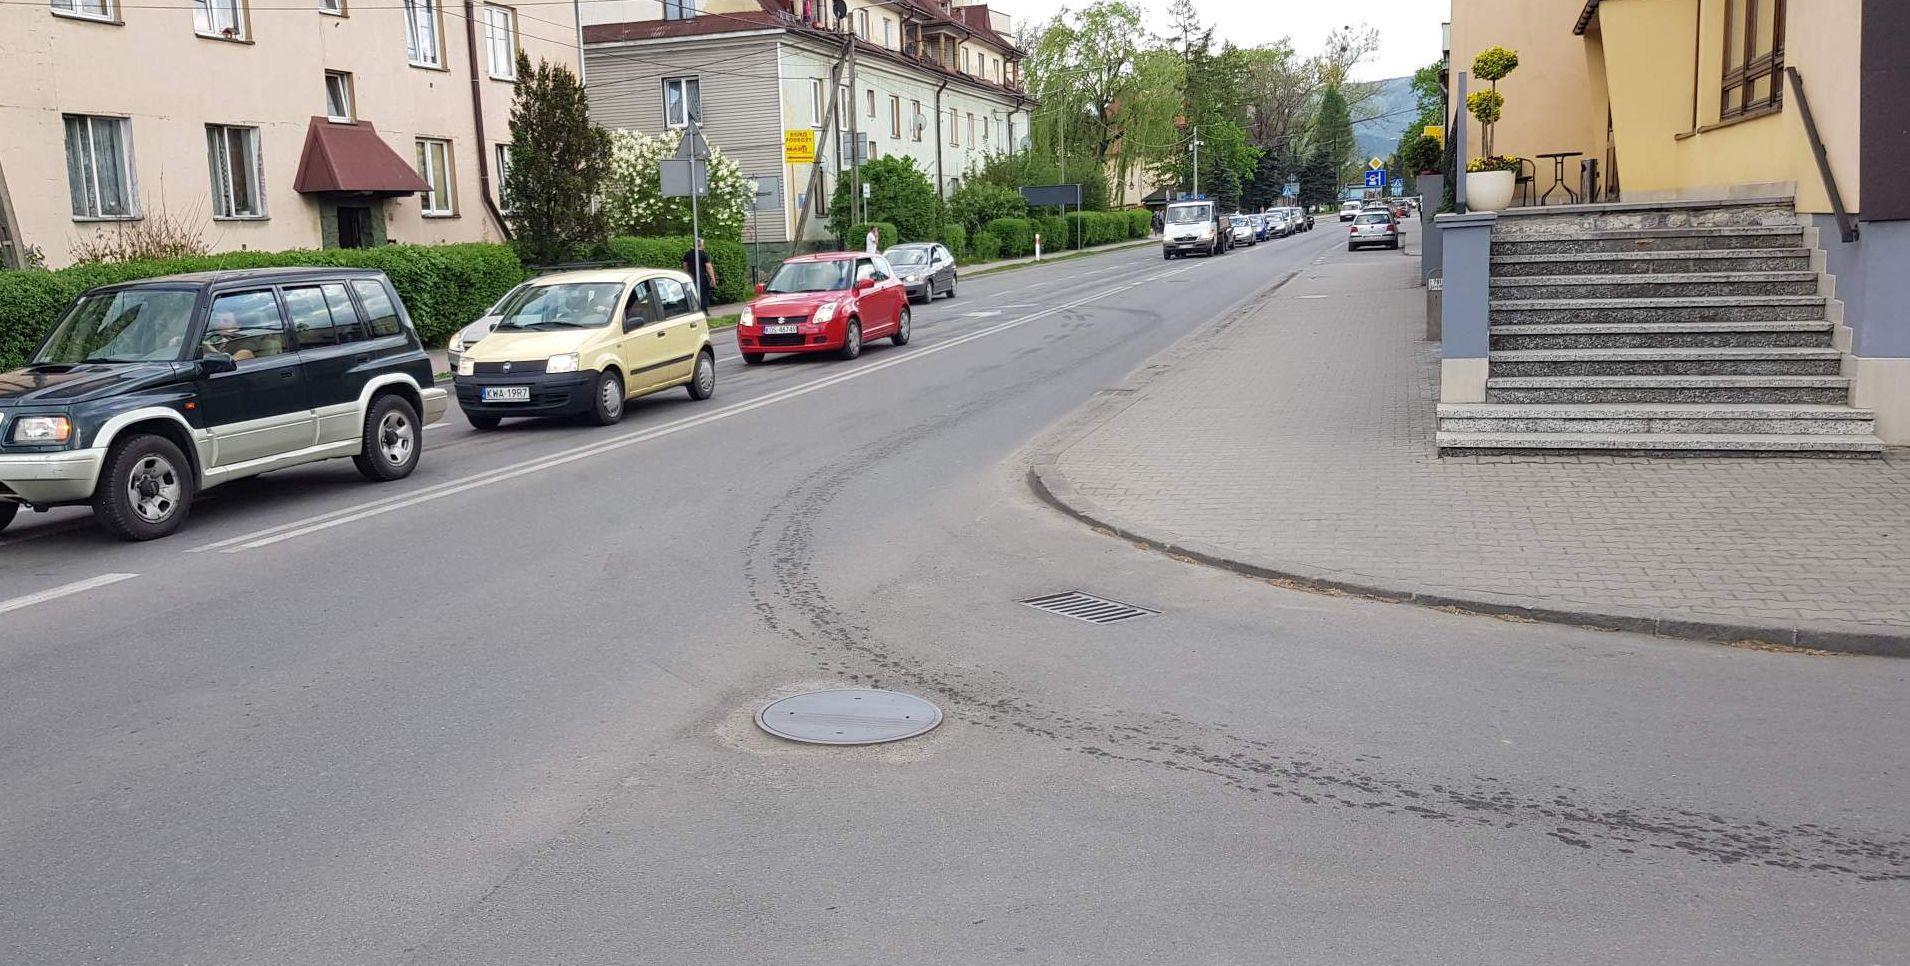 Zepsuty tir, plamy olejowe na drogach... Problemy na ulicach Andrychowa [FOTO]